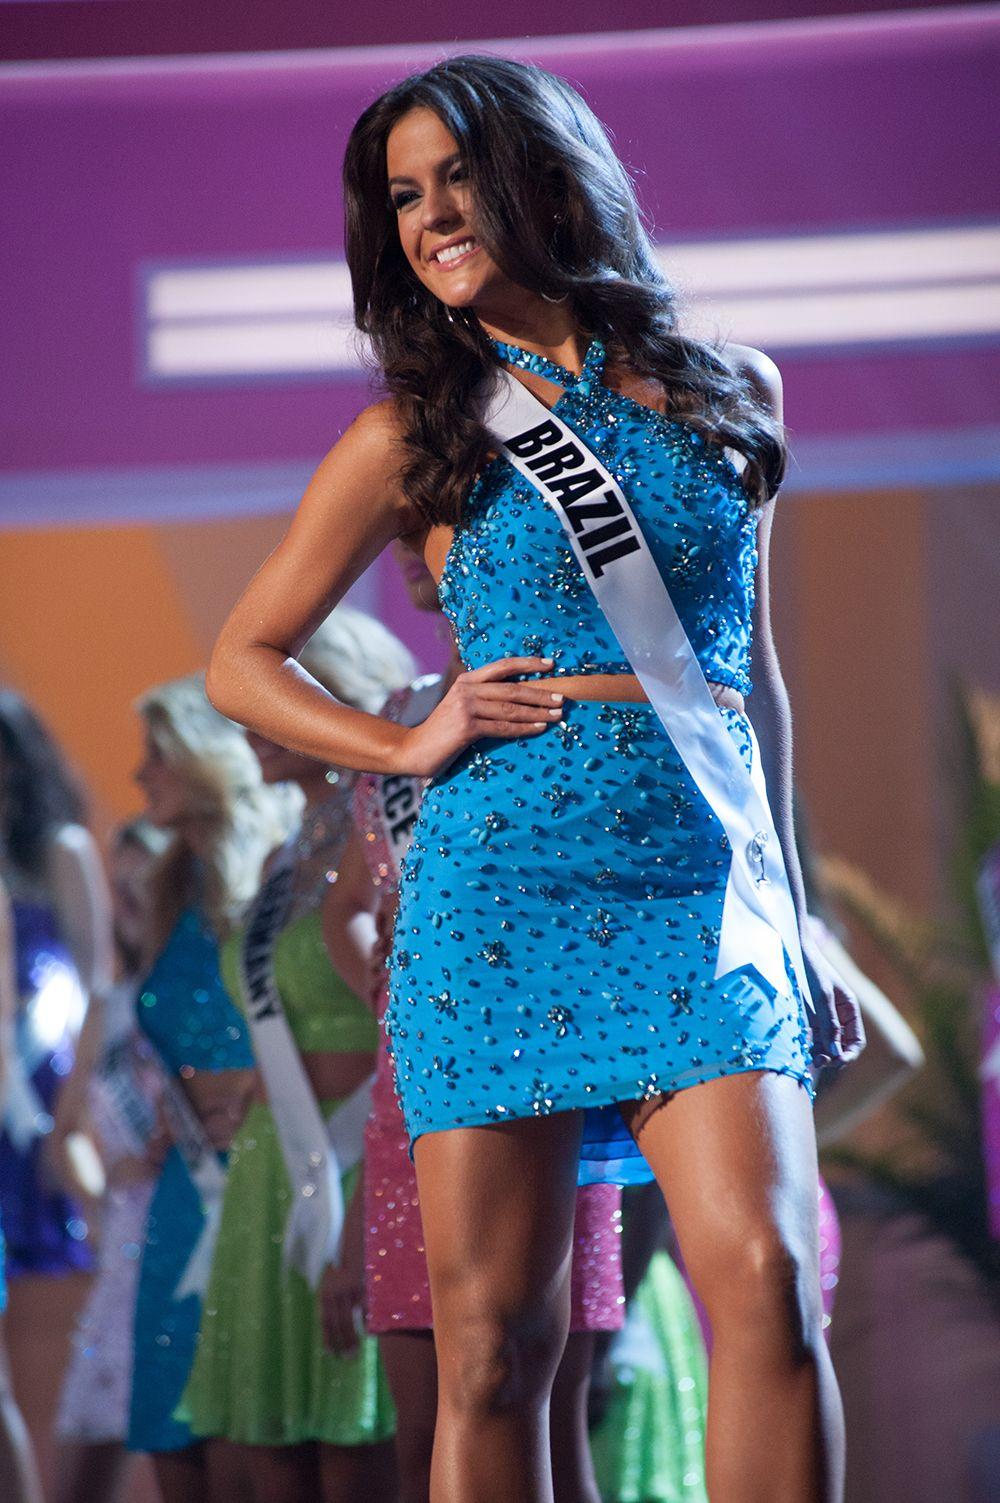 melissa gurgel, miss brasil 2014. Zyiks6pt